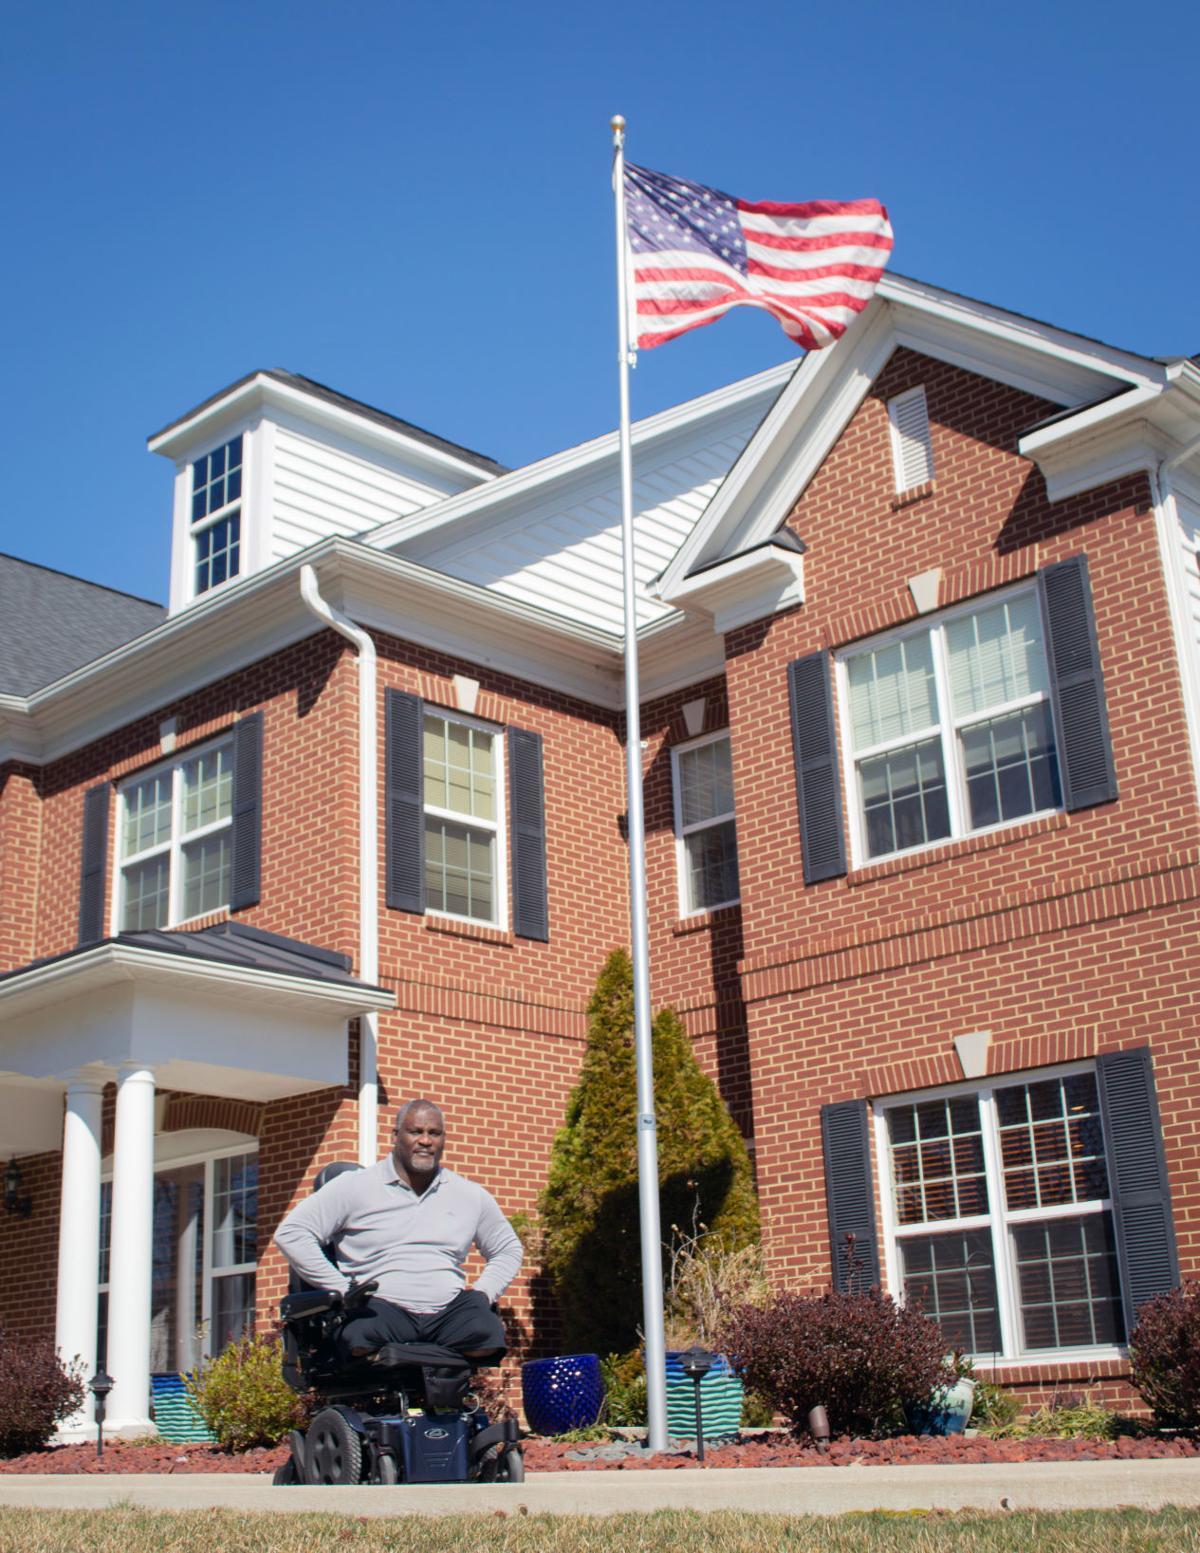 Colonel Gadson's home